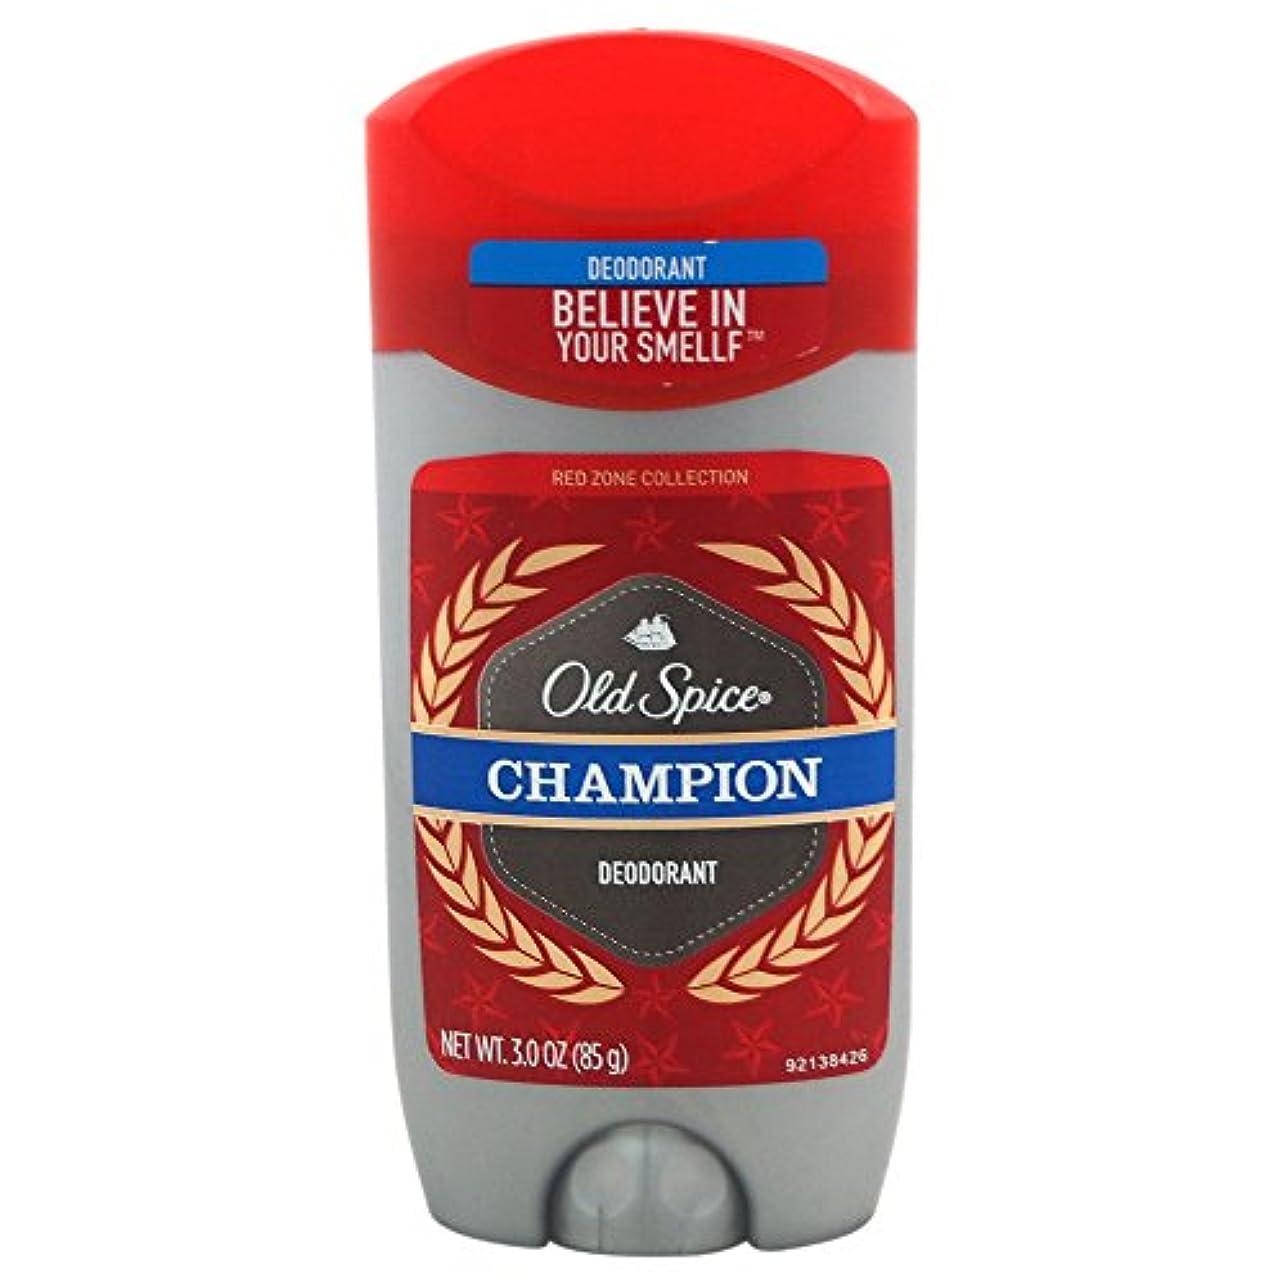 膨らませるスマッシュ伝記オールドスパイス(Old Spice) Deodorant デオドラント Red zone CHAMPION/チャンピョン 85g[並行輸入品]